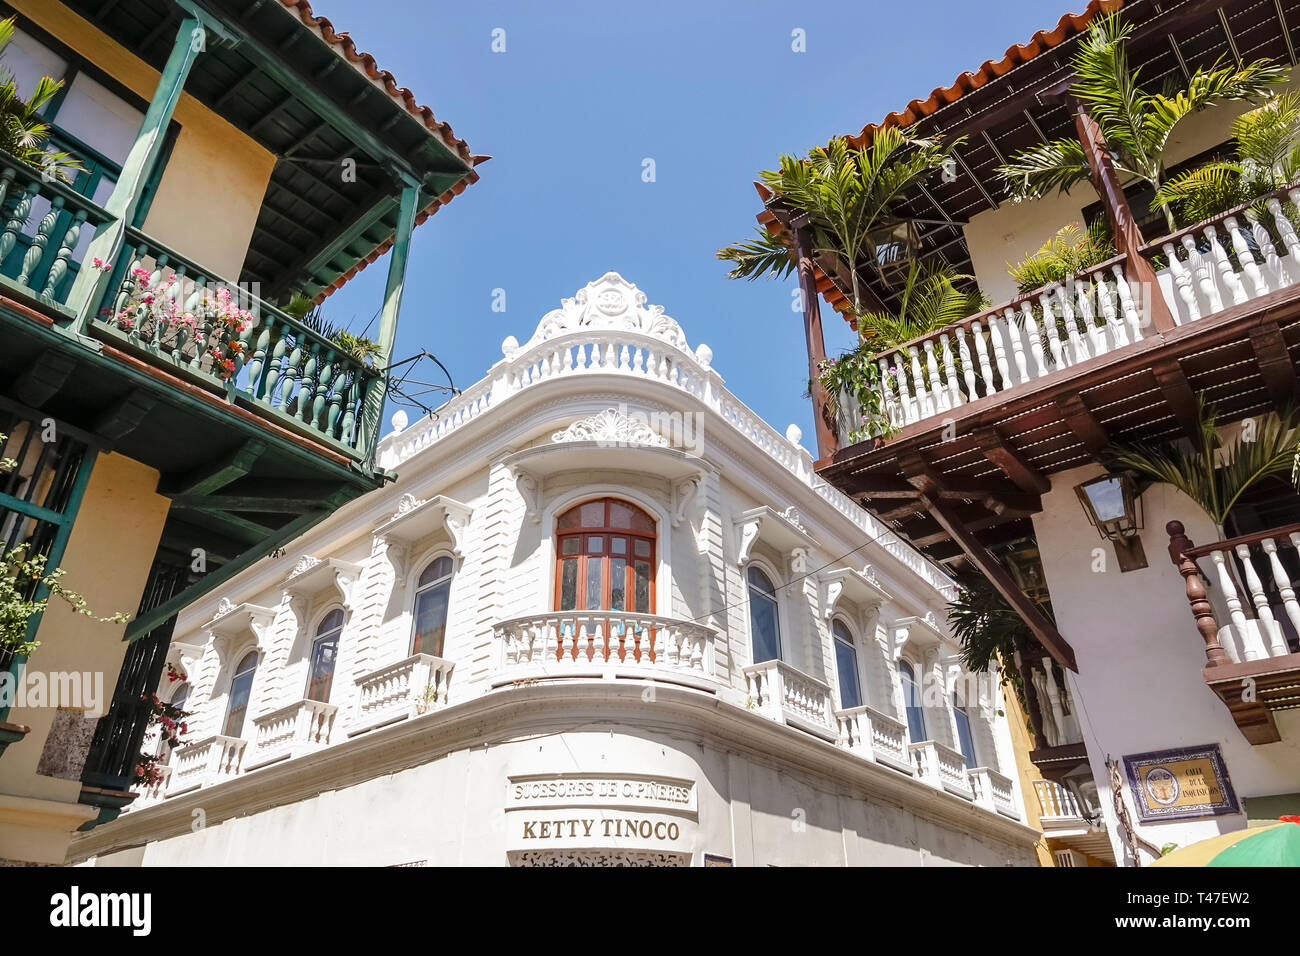 Colombia, Cartagena, Centro de la Ciudad amurallada, Centro, edificio Pineres, balcones de madera de arquitectura colonial, exterior del edificio, balaustrada, Ket Foto de stock